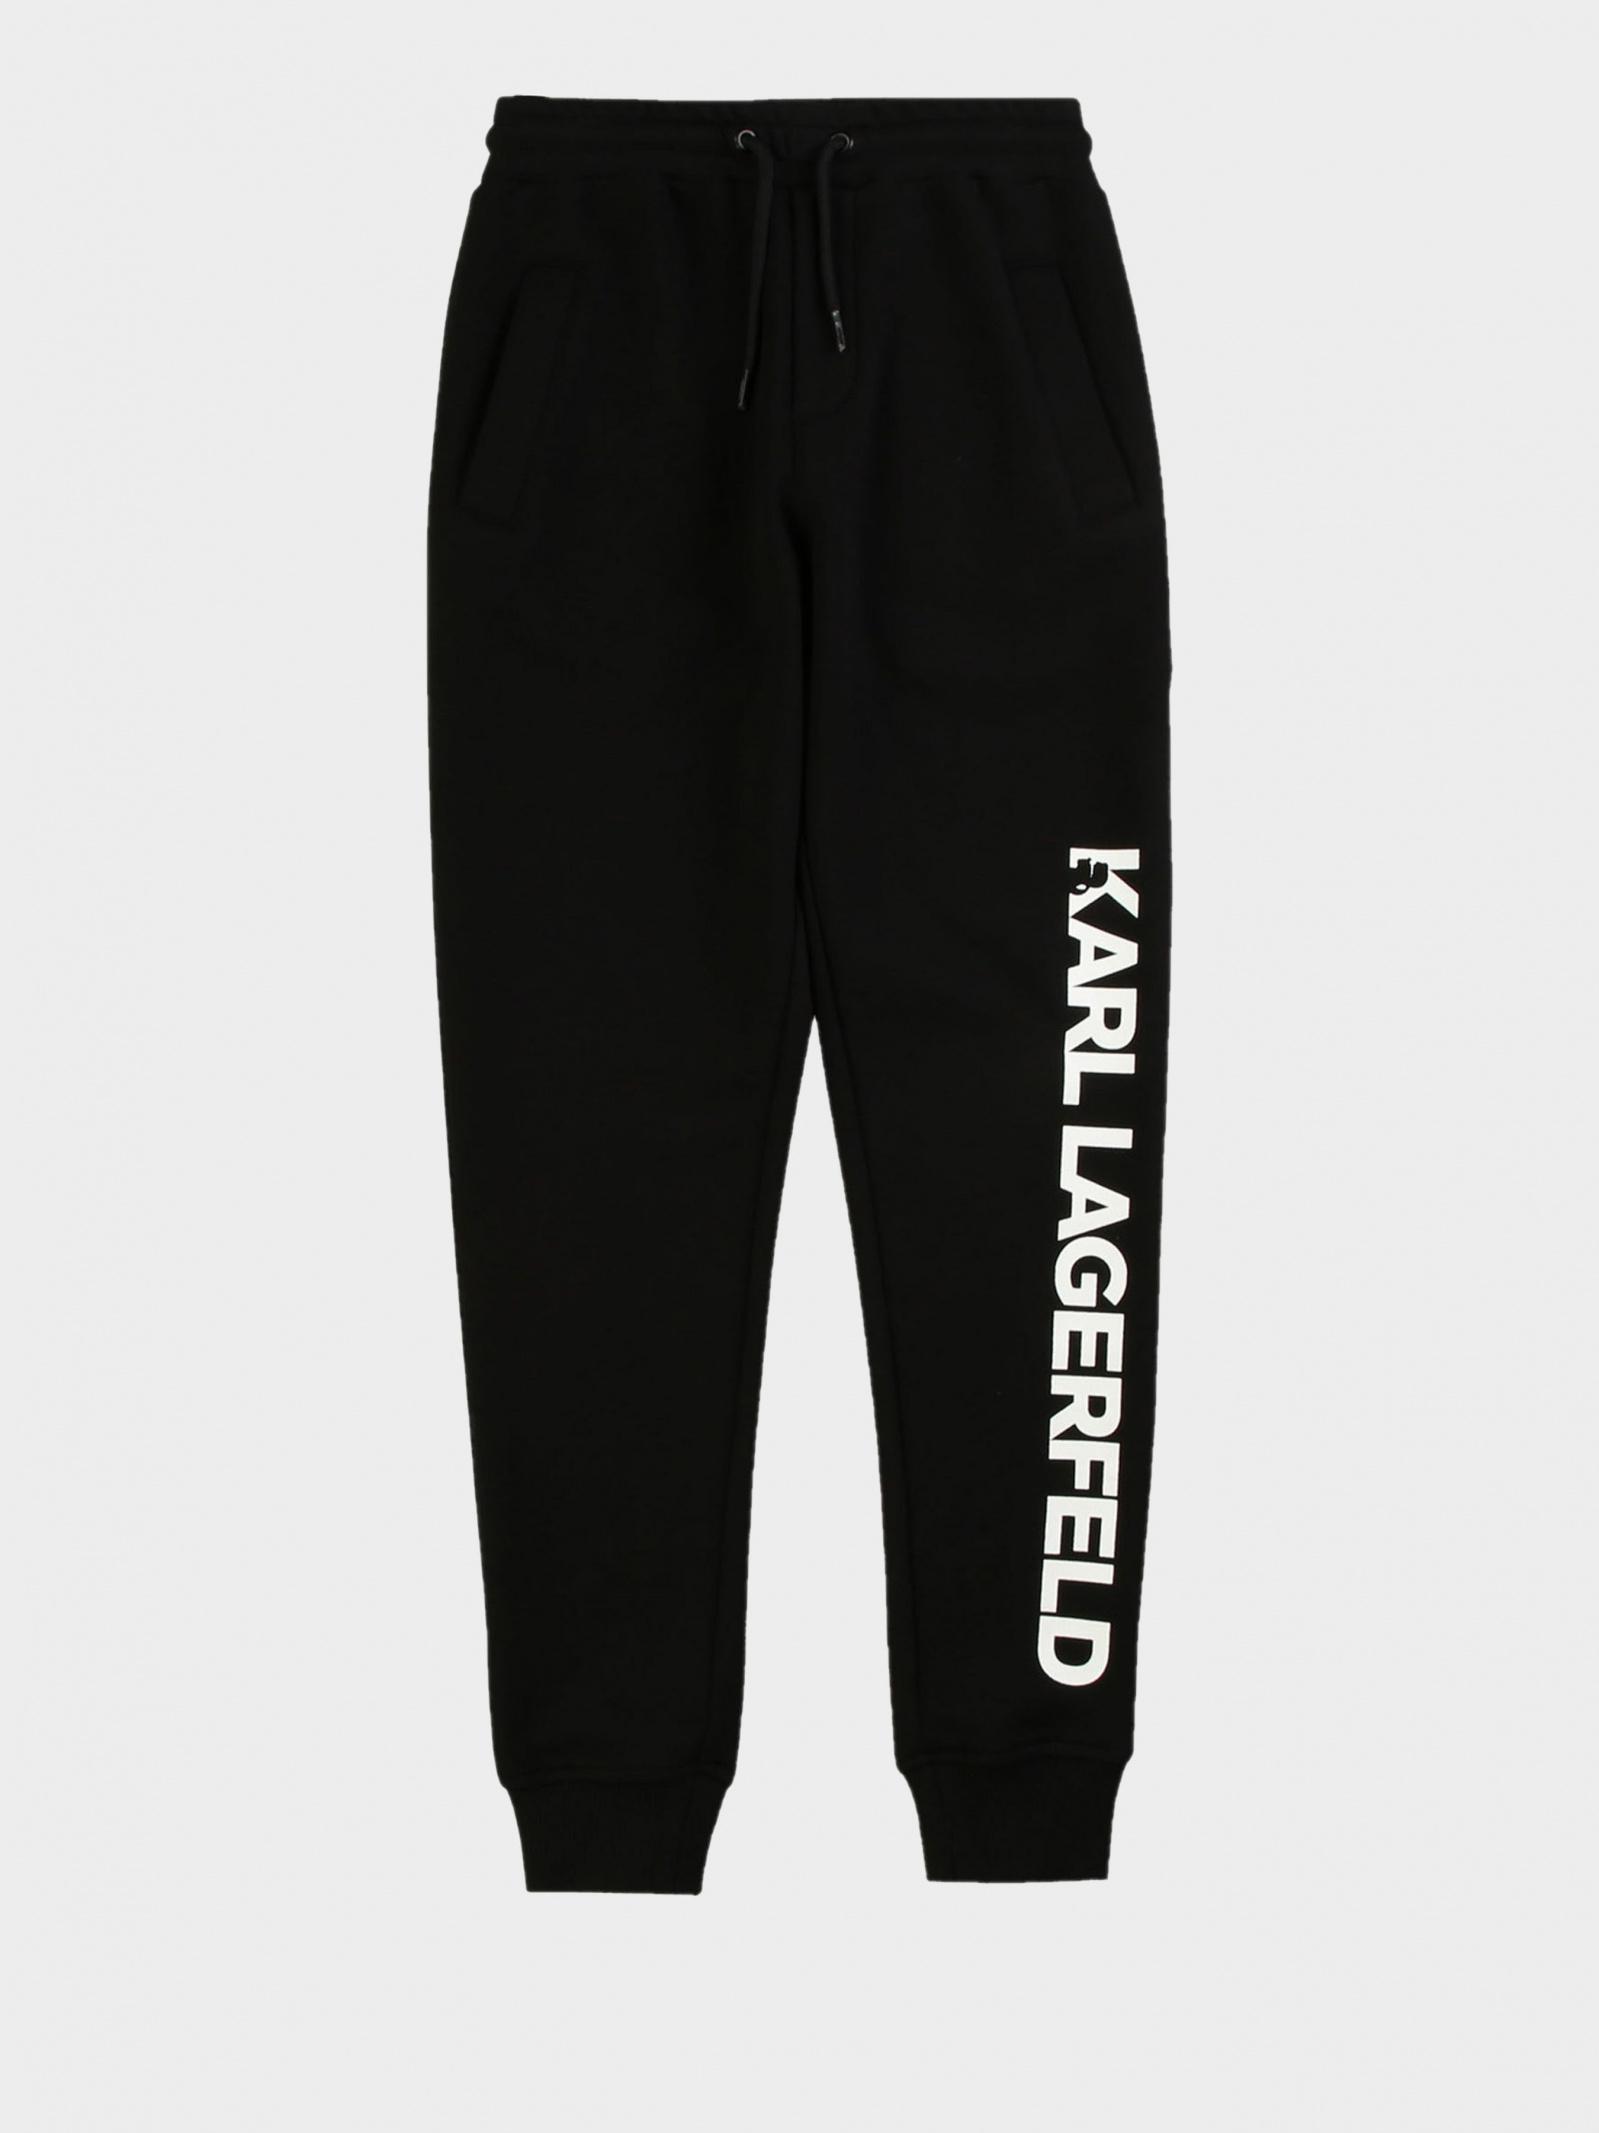 Штаны спортивные детские KARL LAGERFELD модель HR267 приобрести, 2017